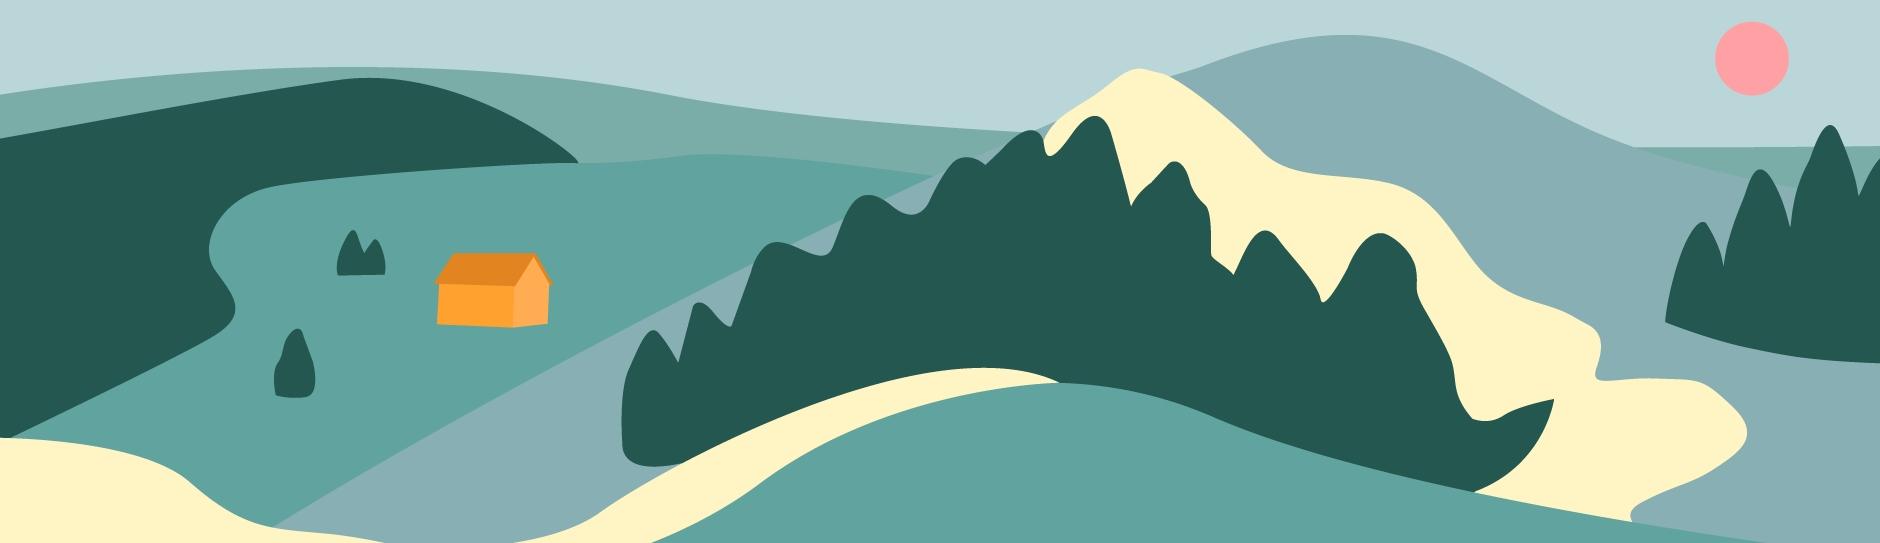 Ilustración de una montaña con una pequeña casa